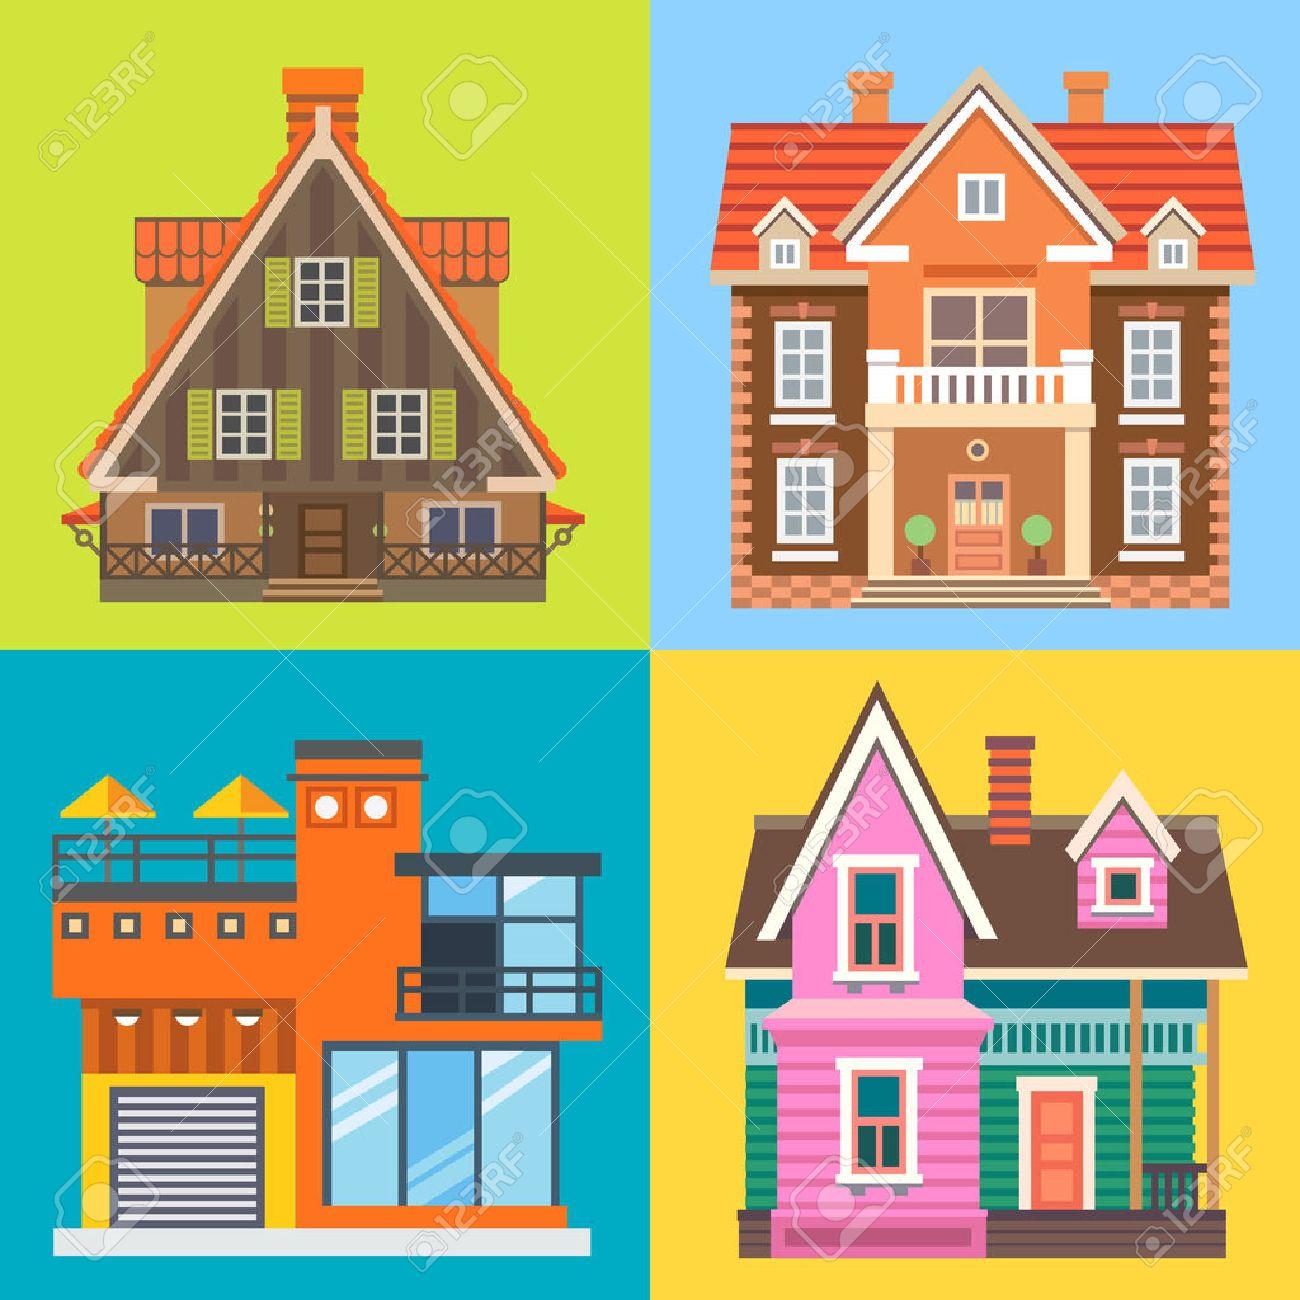 Divers maison des bâtiments: maison chalet en bois maison de campagne  moderne brique manoir anglais. Illustrations vectorielles plats